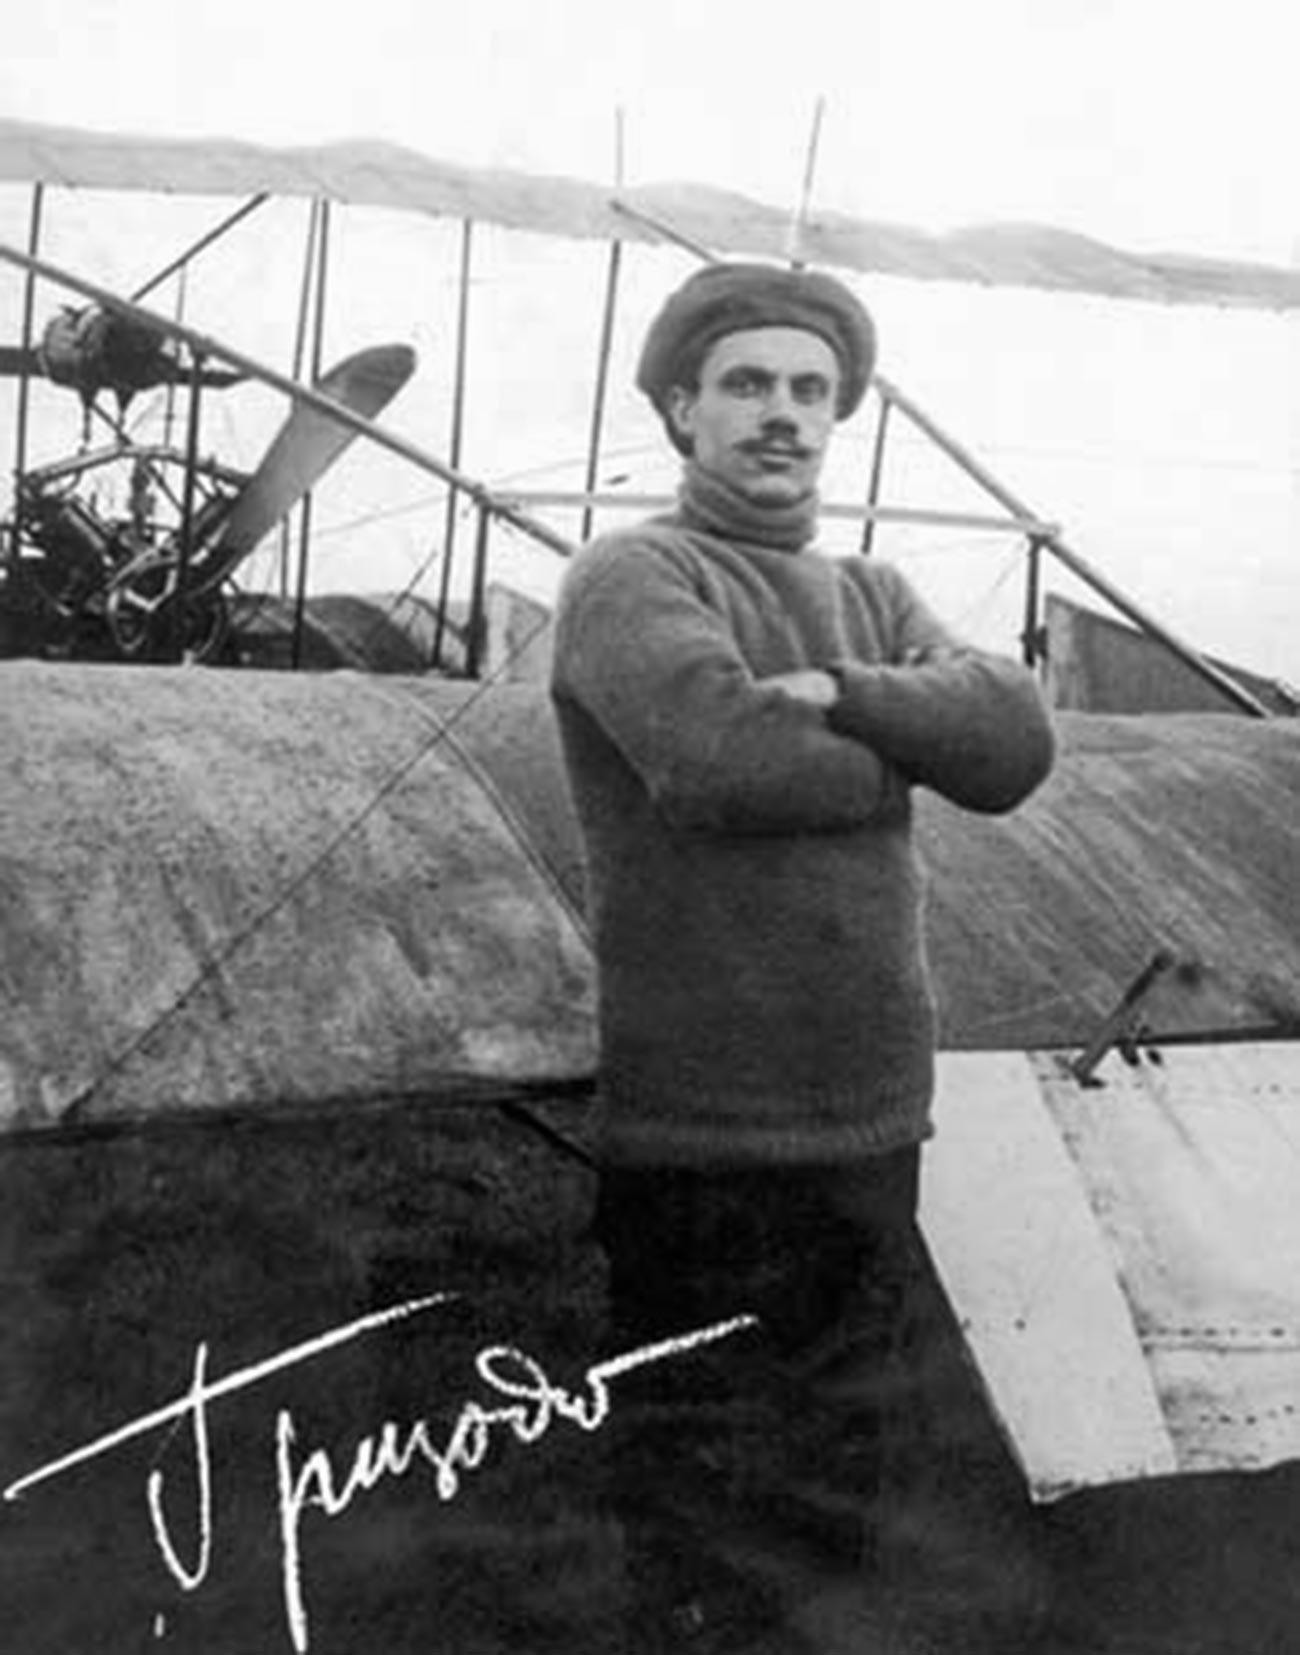 Stepan Grizodubov